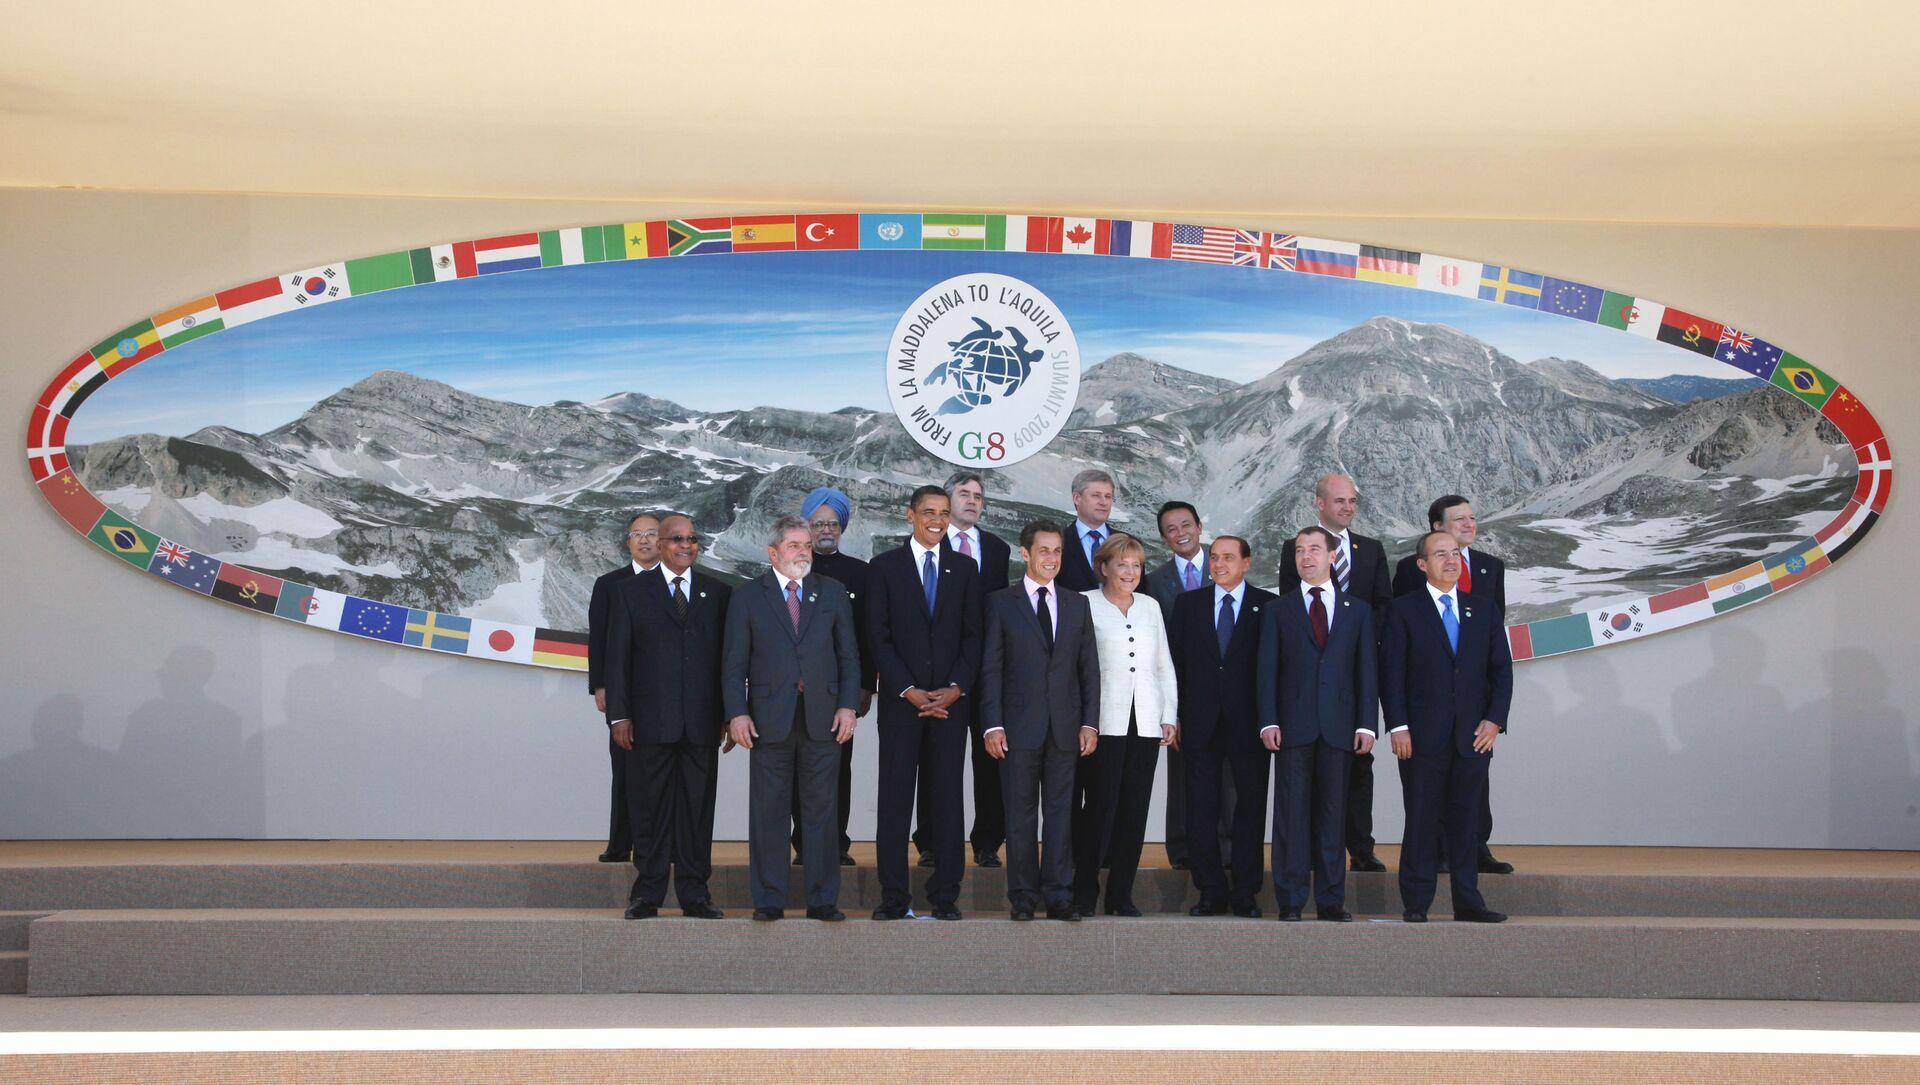 Foto dei leader al G8 dell'Aquila del 2009 - Sputnik Italia, 1920, 18.05.2021